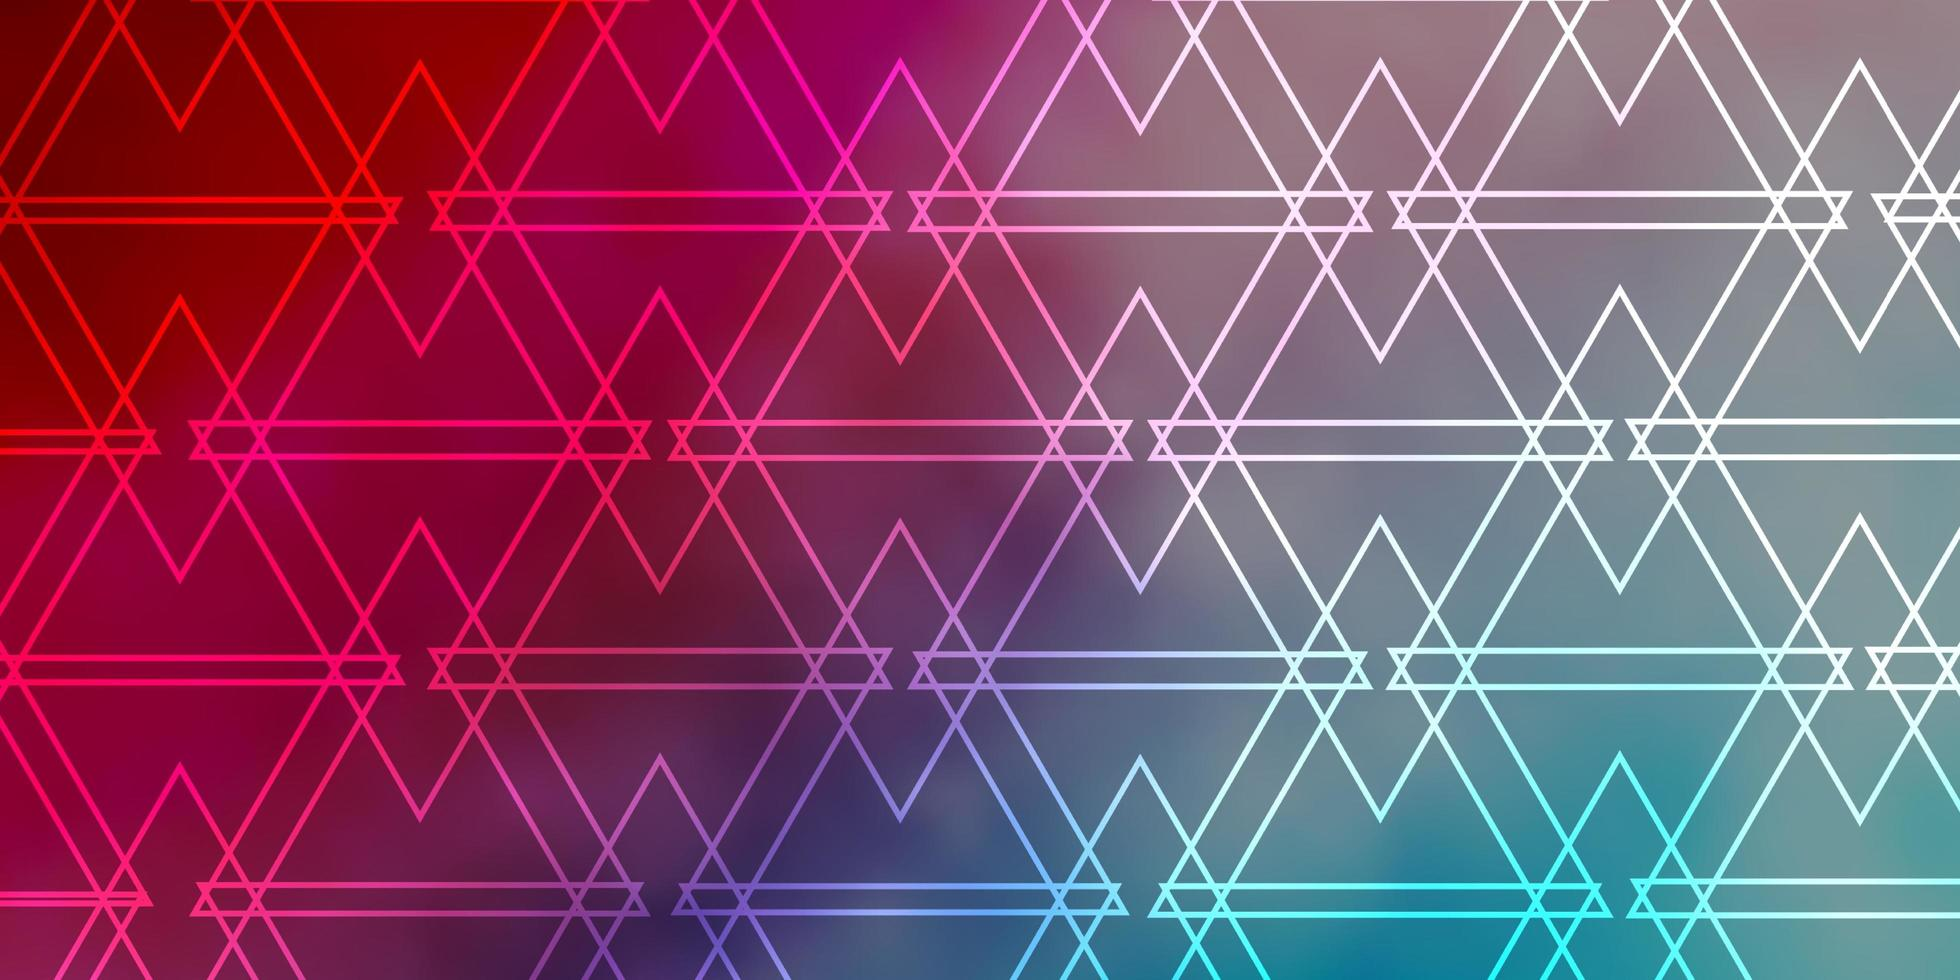 modello vettoriale azzurro, rosso con linee, triangoli.